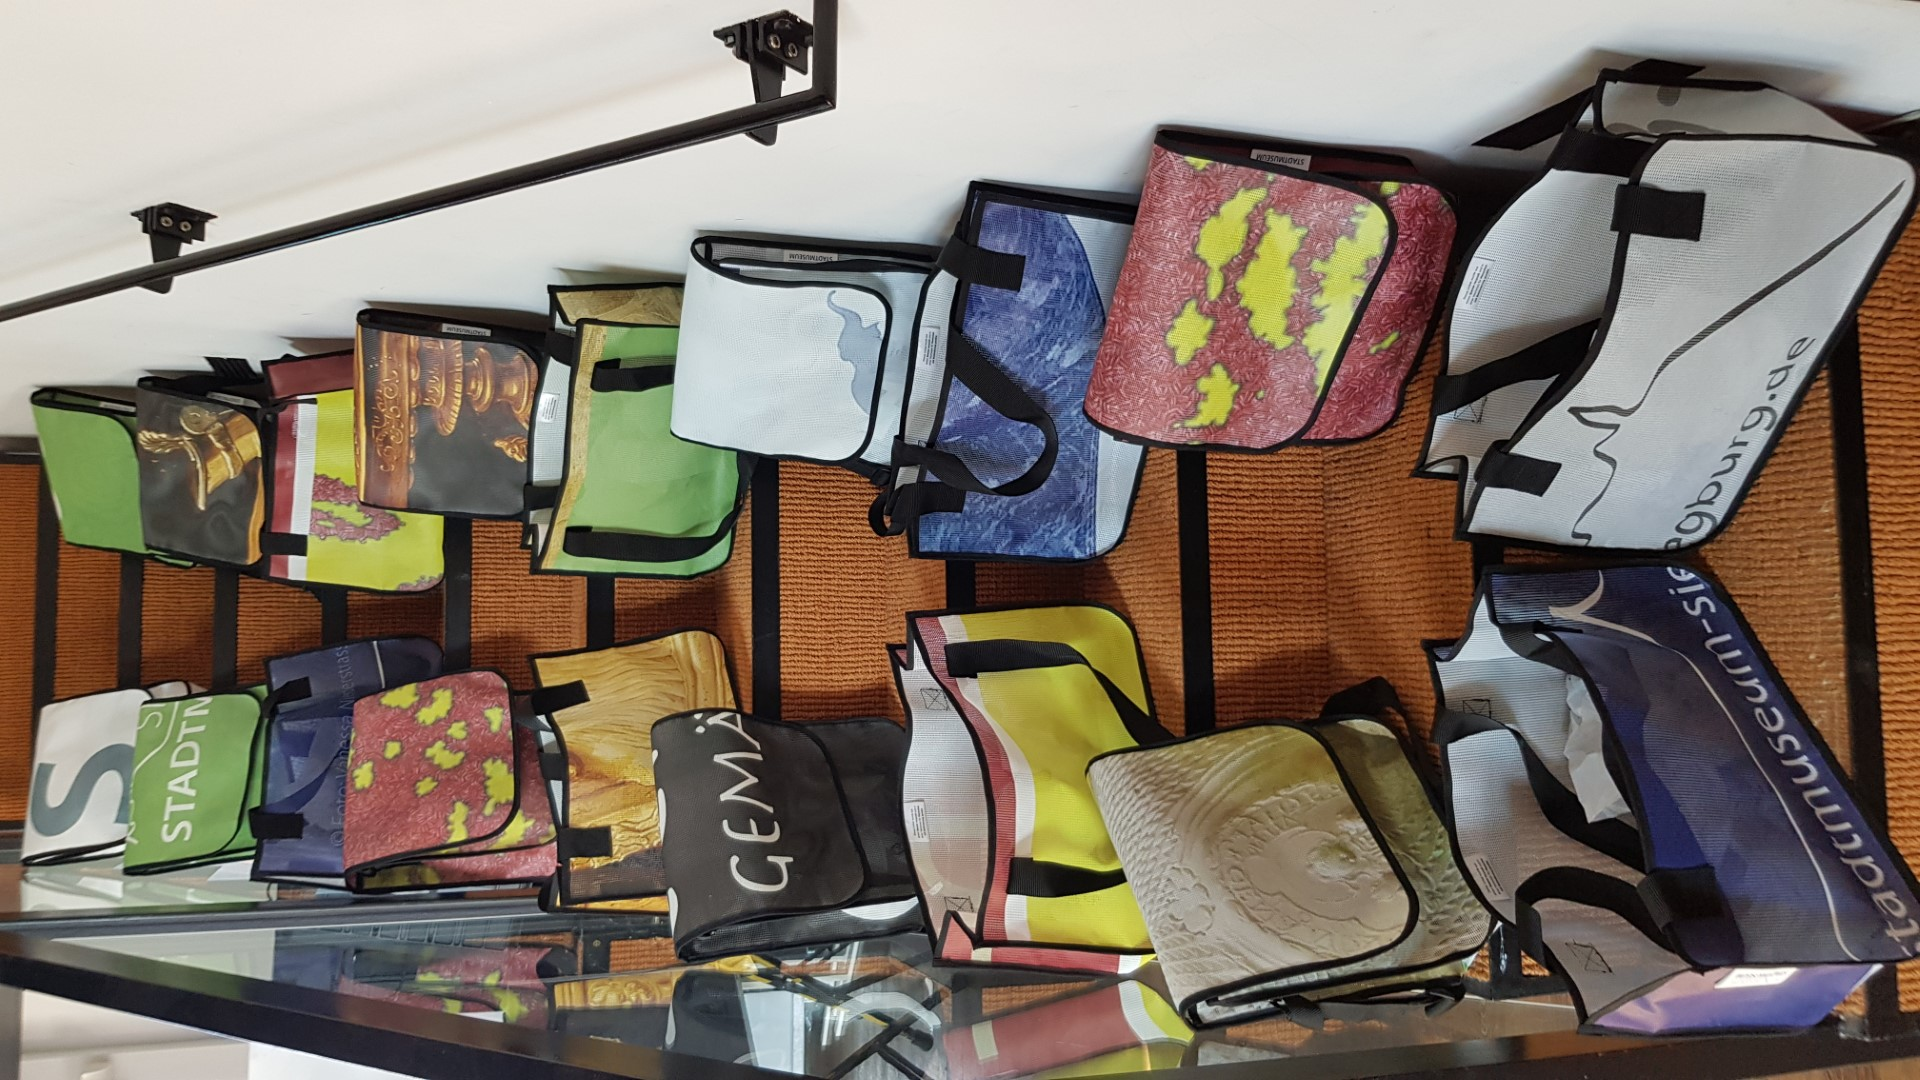 Verschiedene Taschen, die das Stadtmuseum aus ausgediehnten Bannern herstellen lässt. Sie zeigen Motive früherer Ausstellungen im Stadtmuseum.